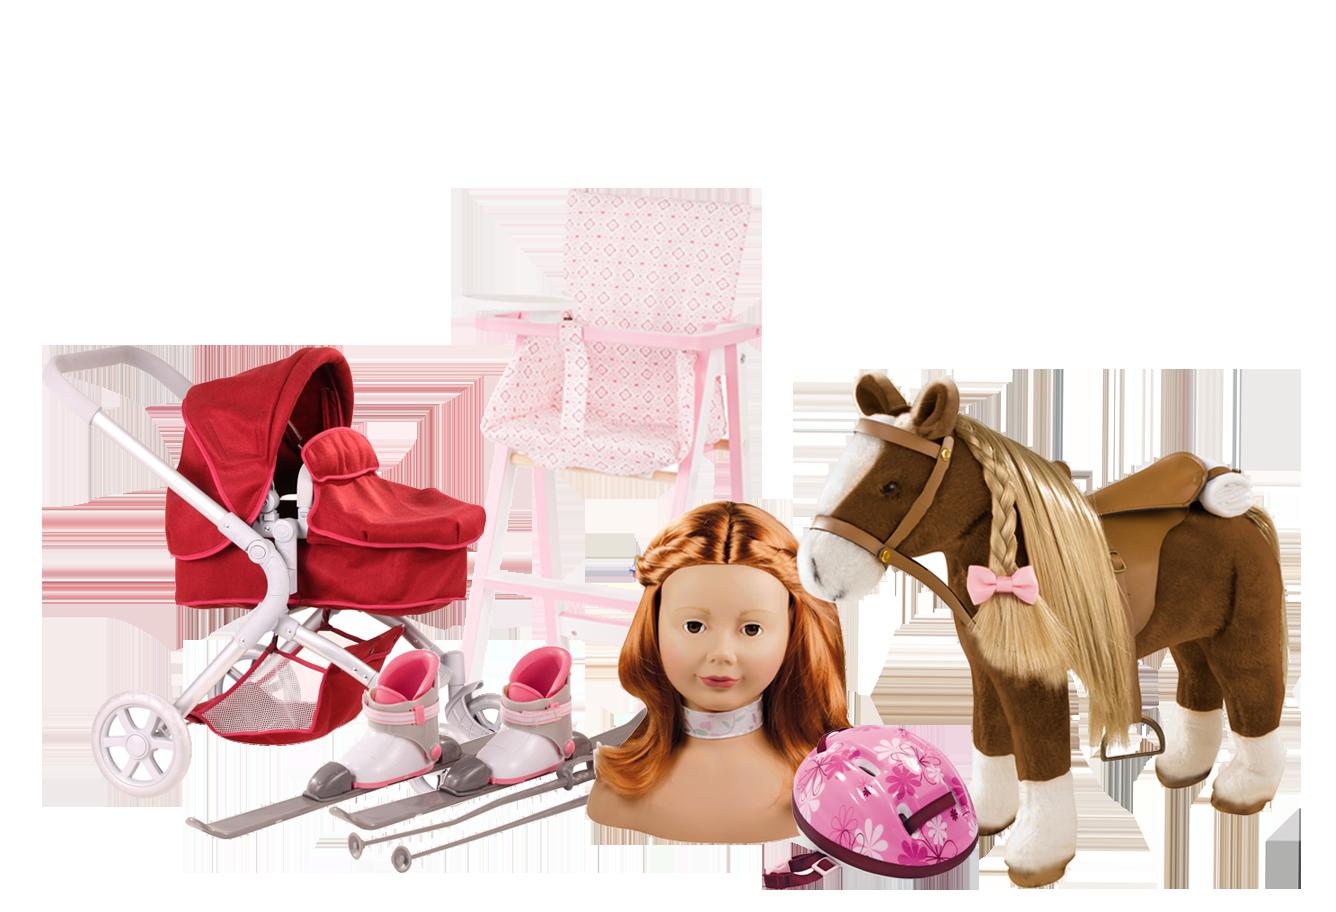 Child Doll Accessories 45-50cm, XL